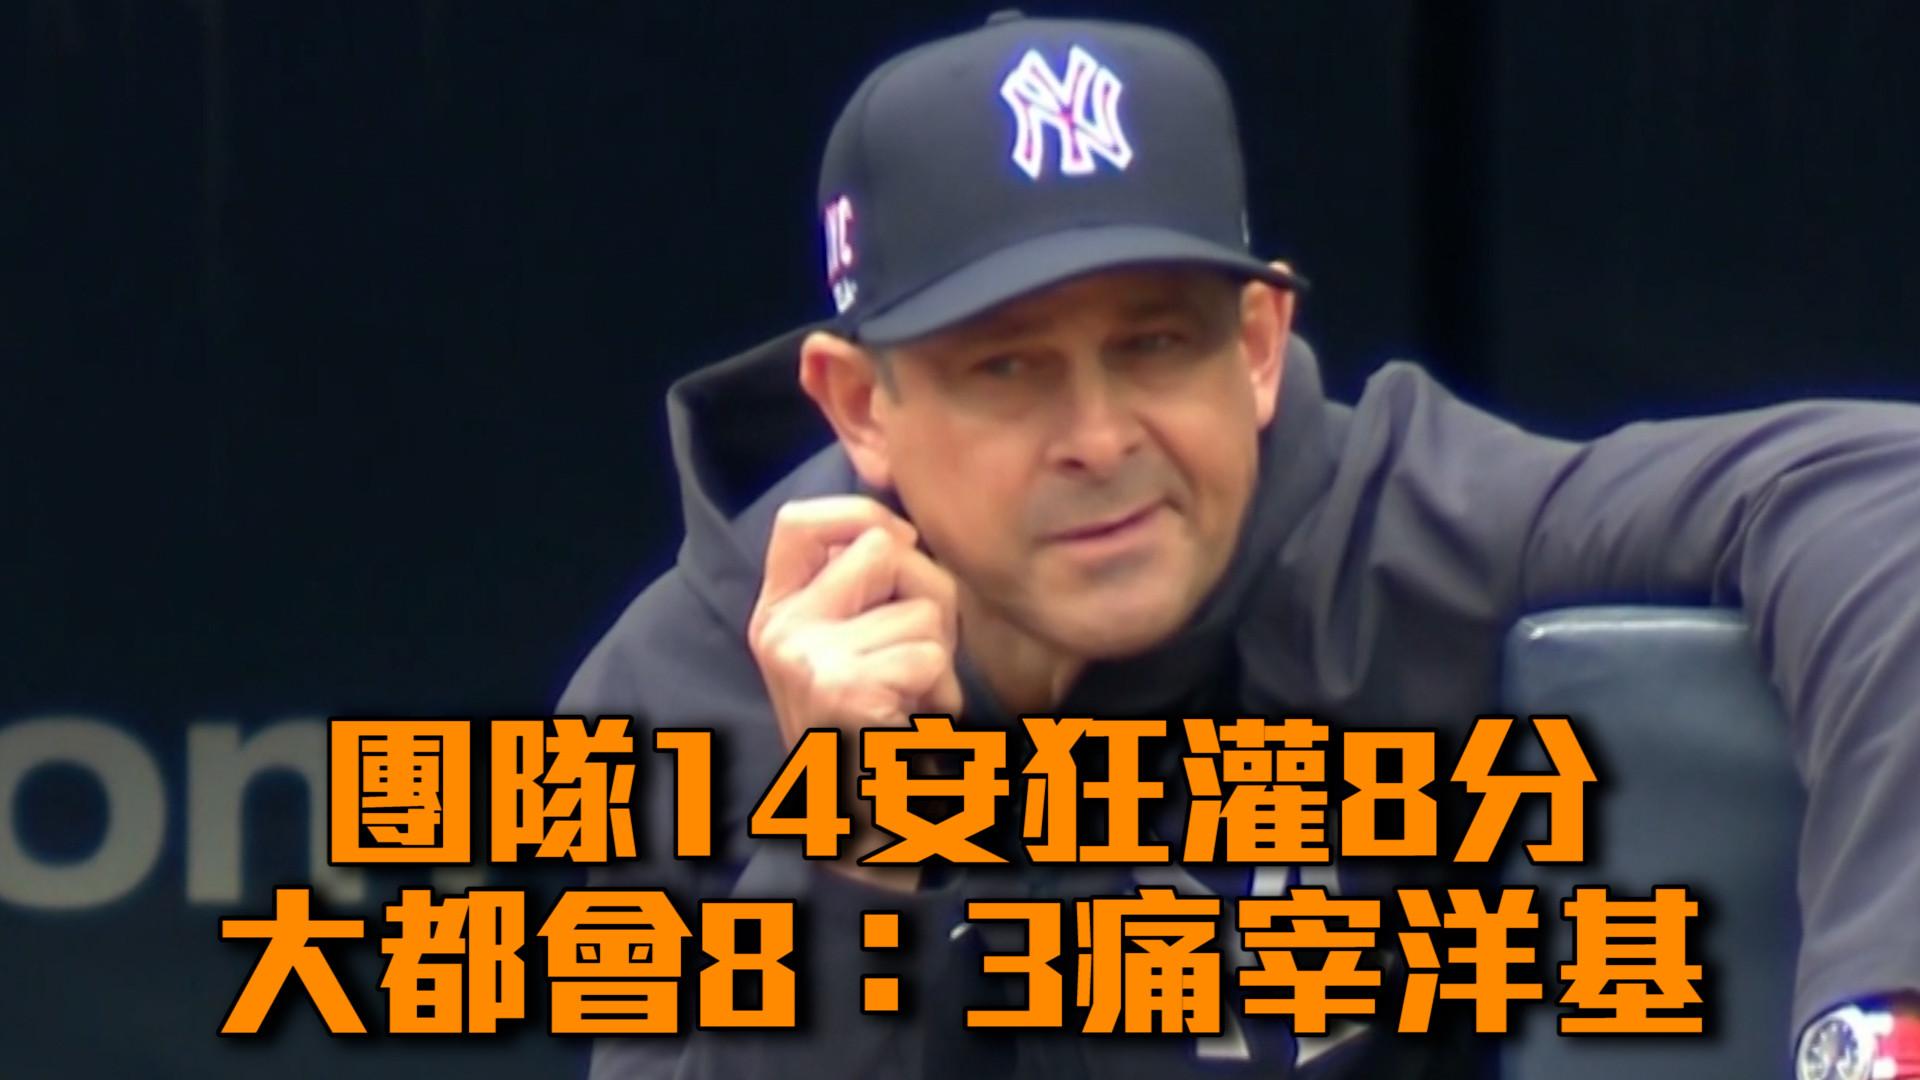 【MLB看愛爾達】團隊14安狂灌8分 大都會奪地鐵戰首勝 07/04